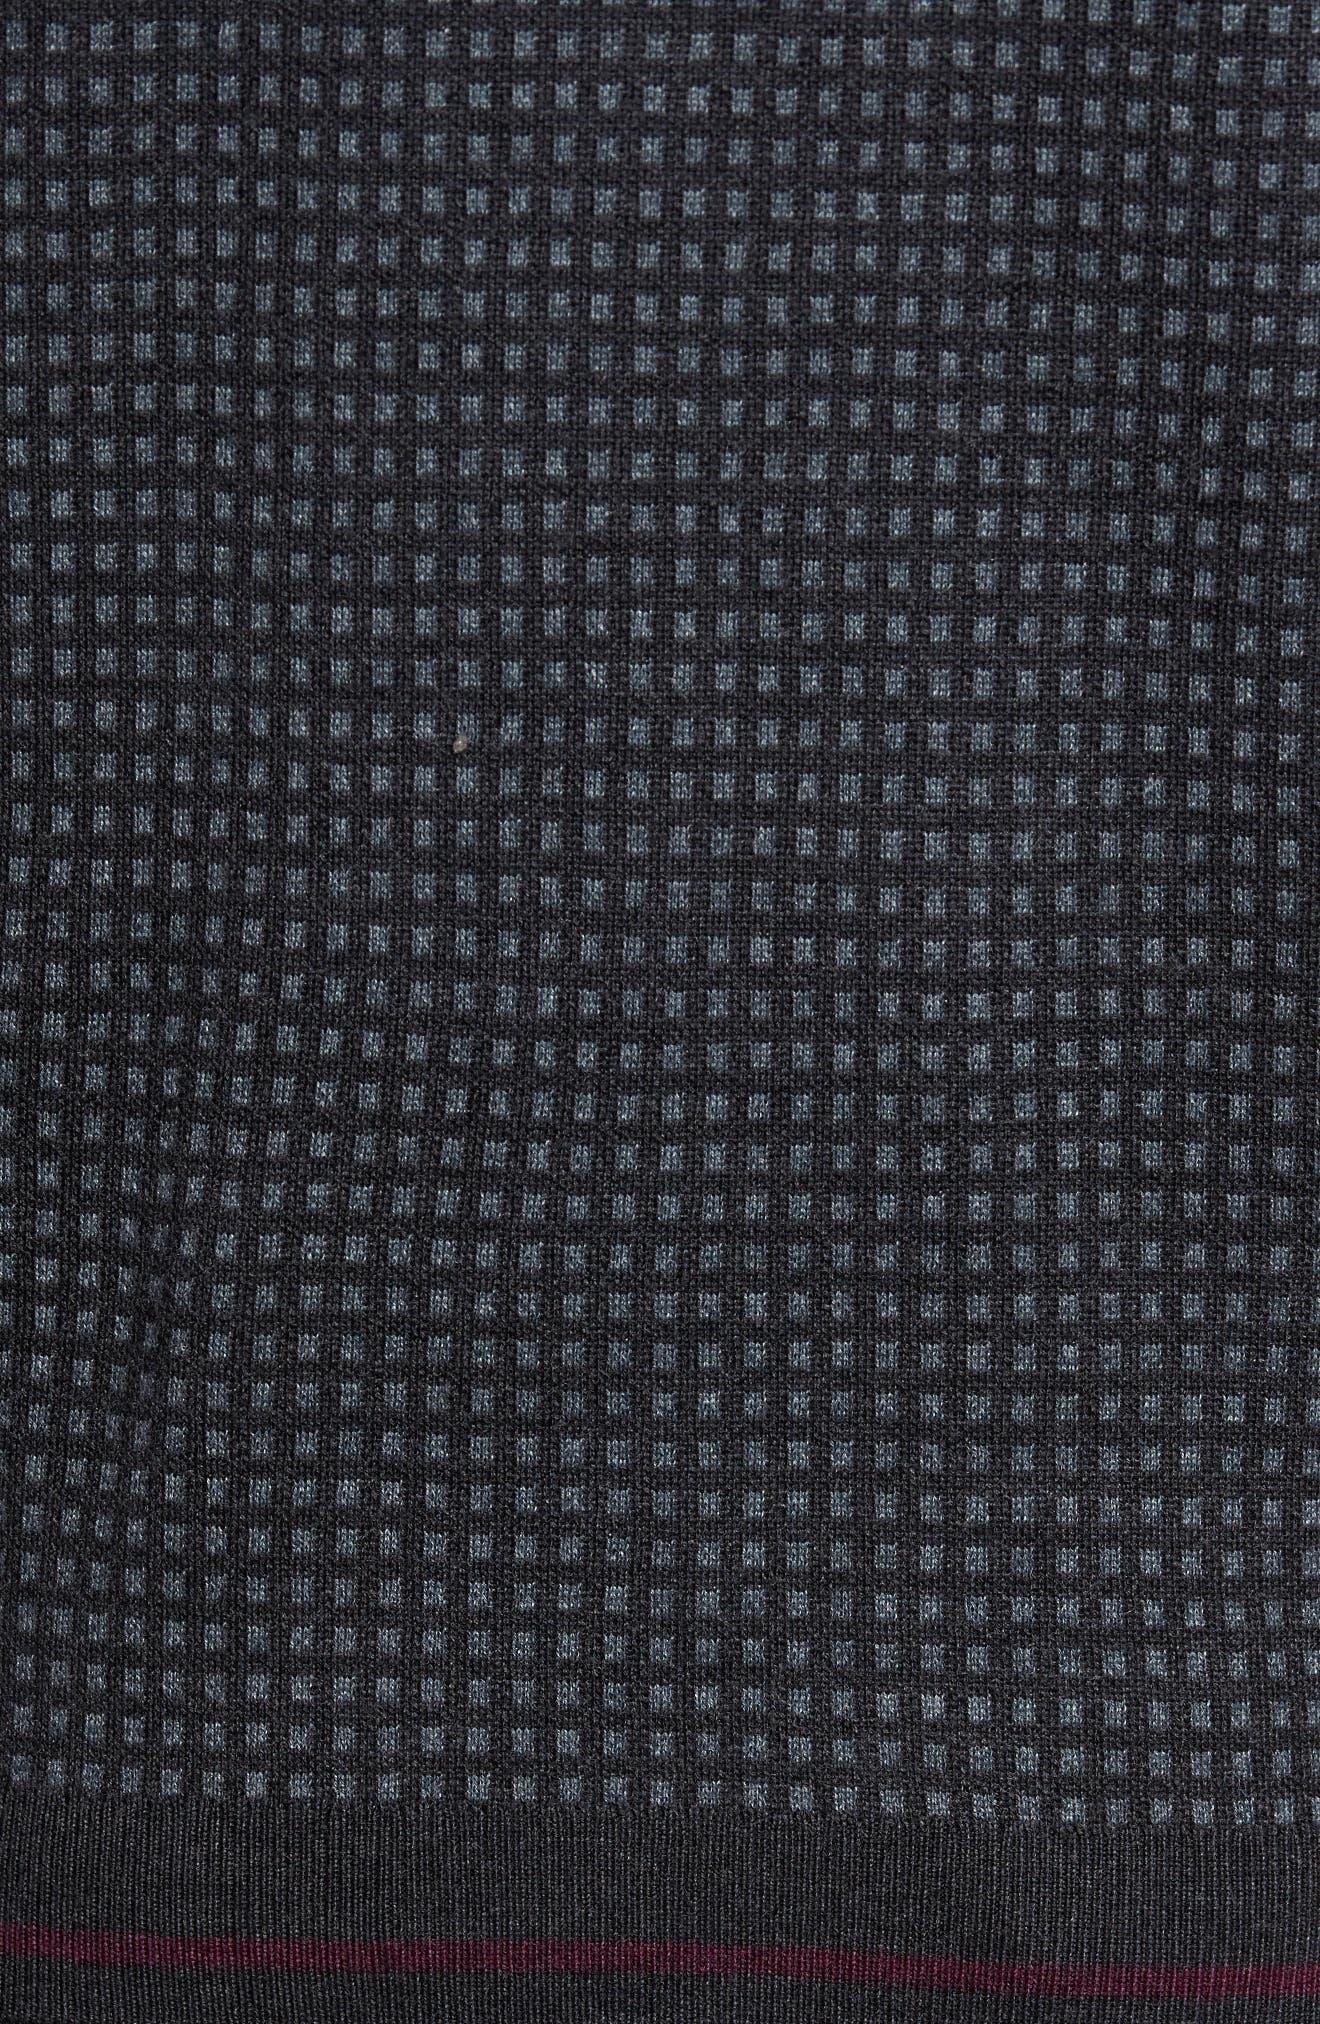 Parvine Crewneck Sweater,                             Alternate thumbnail 5, color,                             031